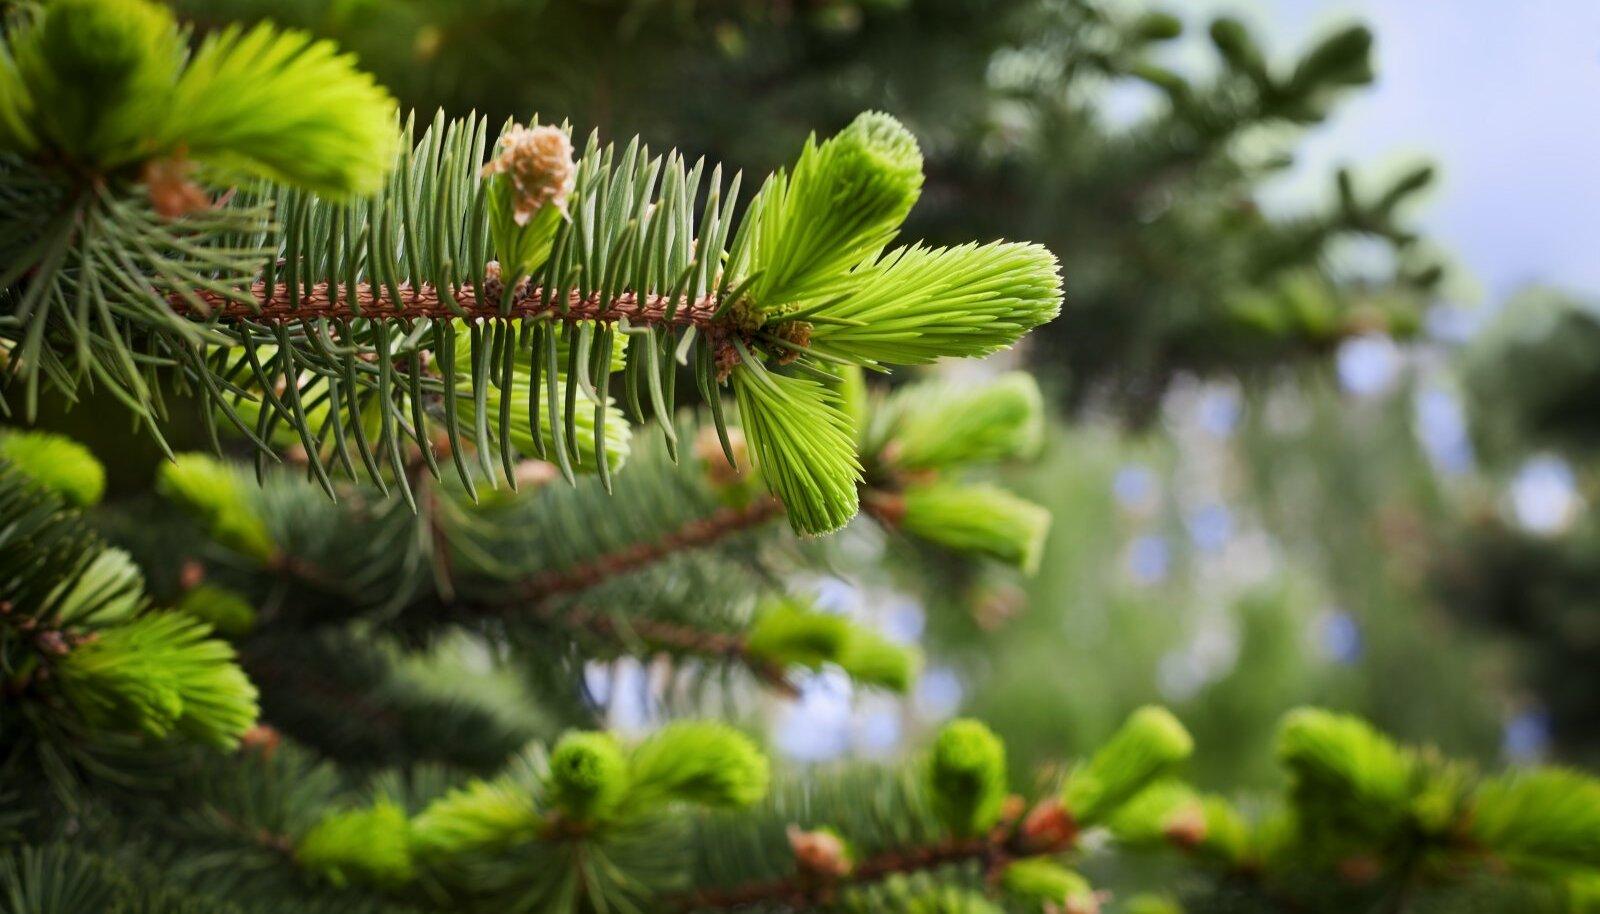 Kuusekasvudest saab kevadel tärkava looduse vitamiine ja energiat kõige esimesena.